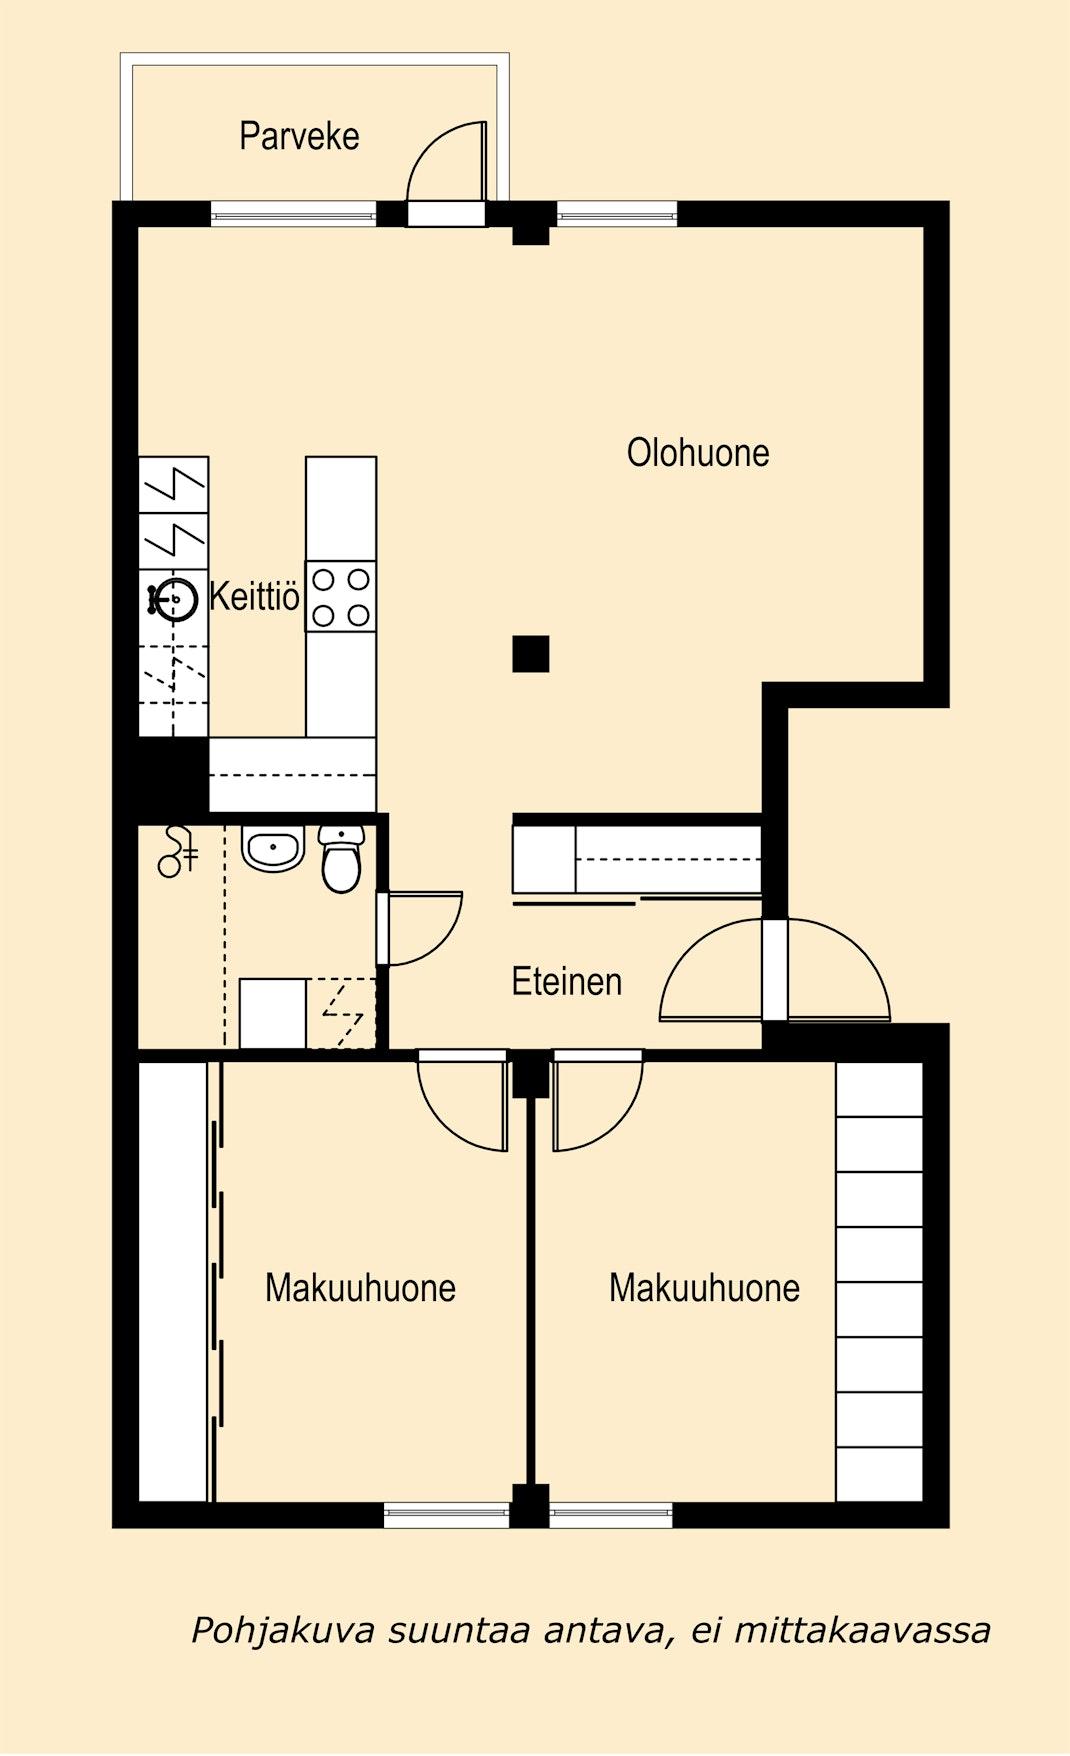 Ylimmän kerroksen vaaleasävyinen kolmio Pohjakuva